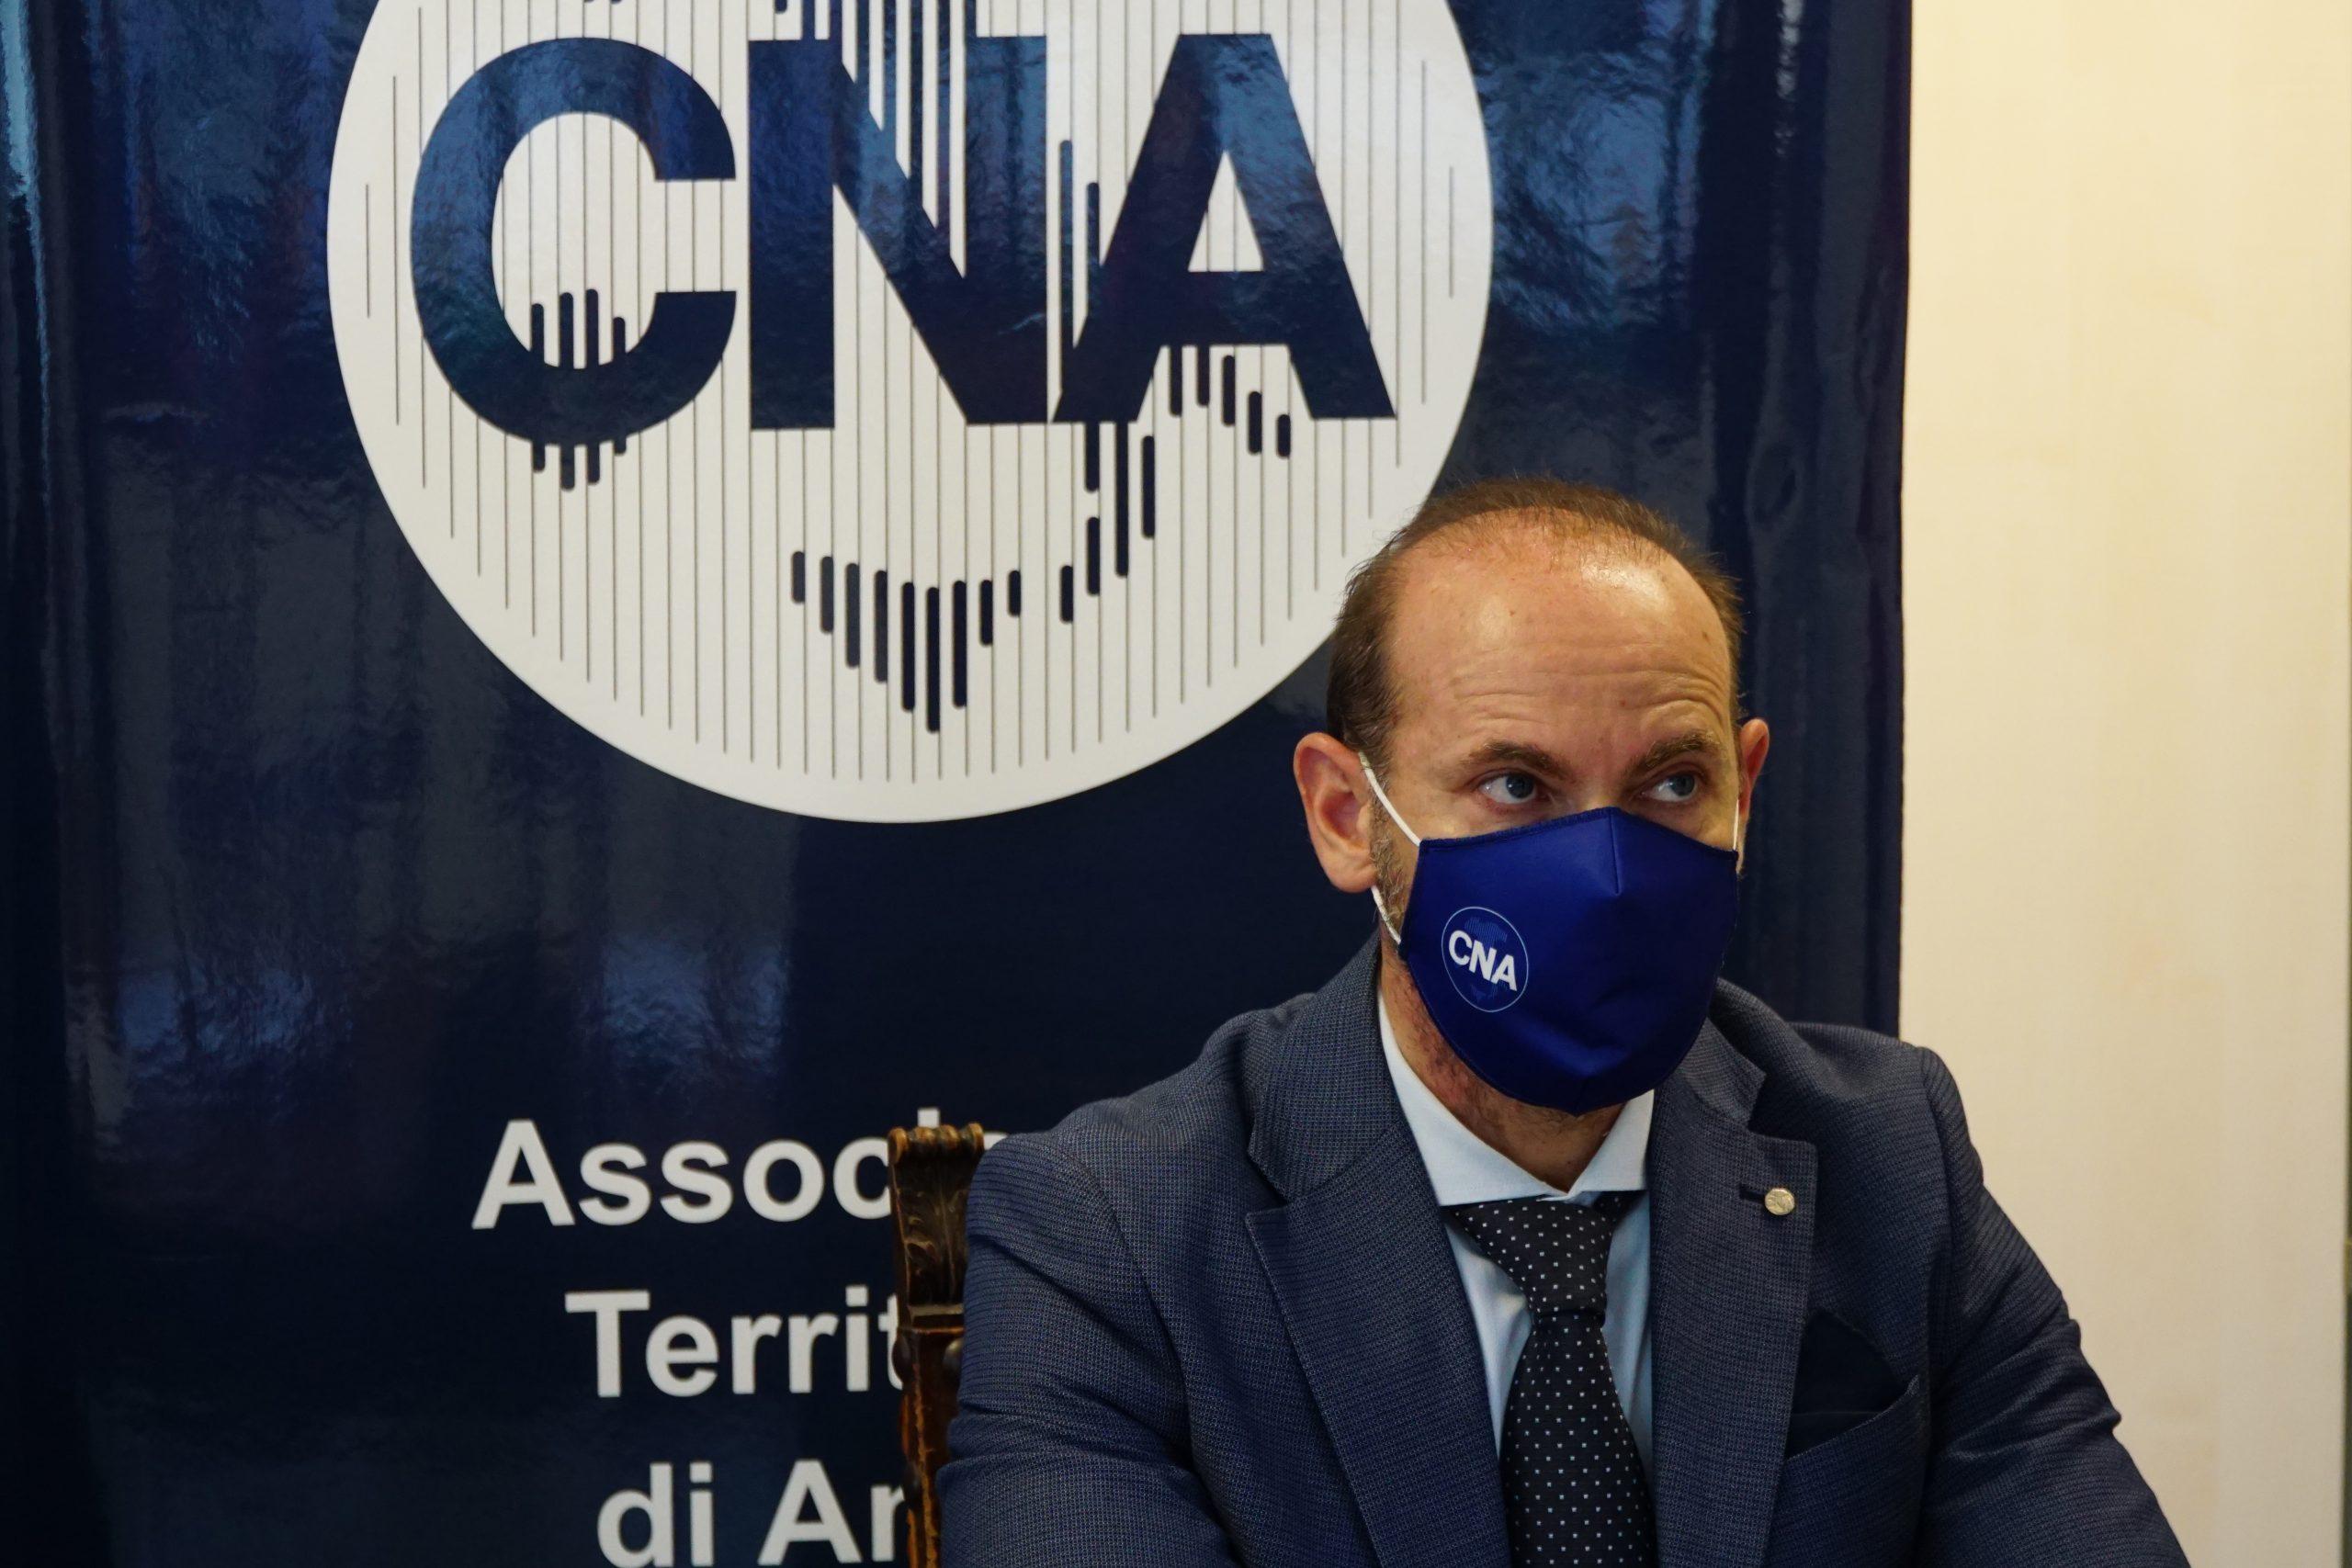 """Oltre 400 future imprese senza contributo. La CNA a Aguzzi: """"Servono più risorse"""""""